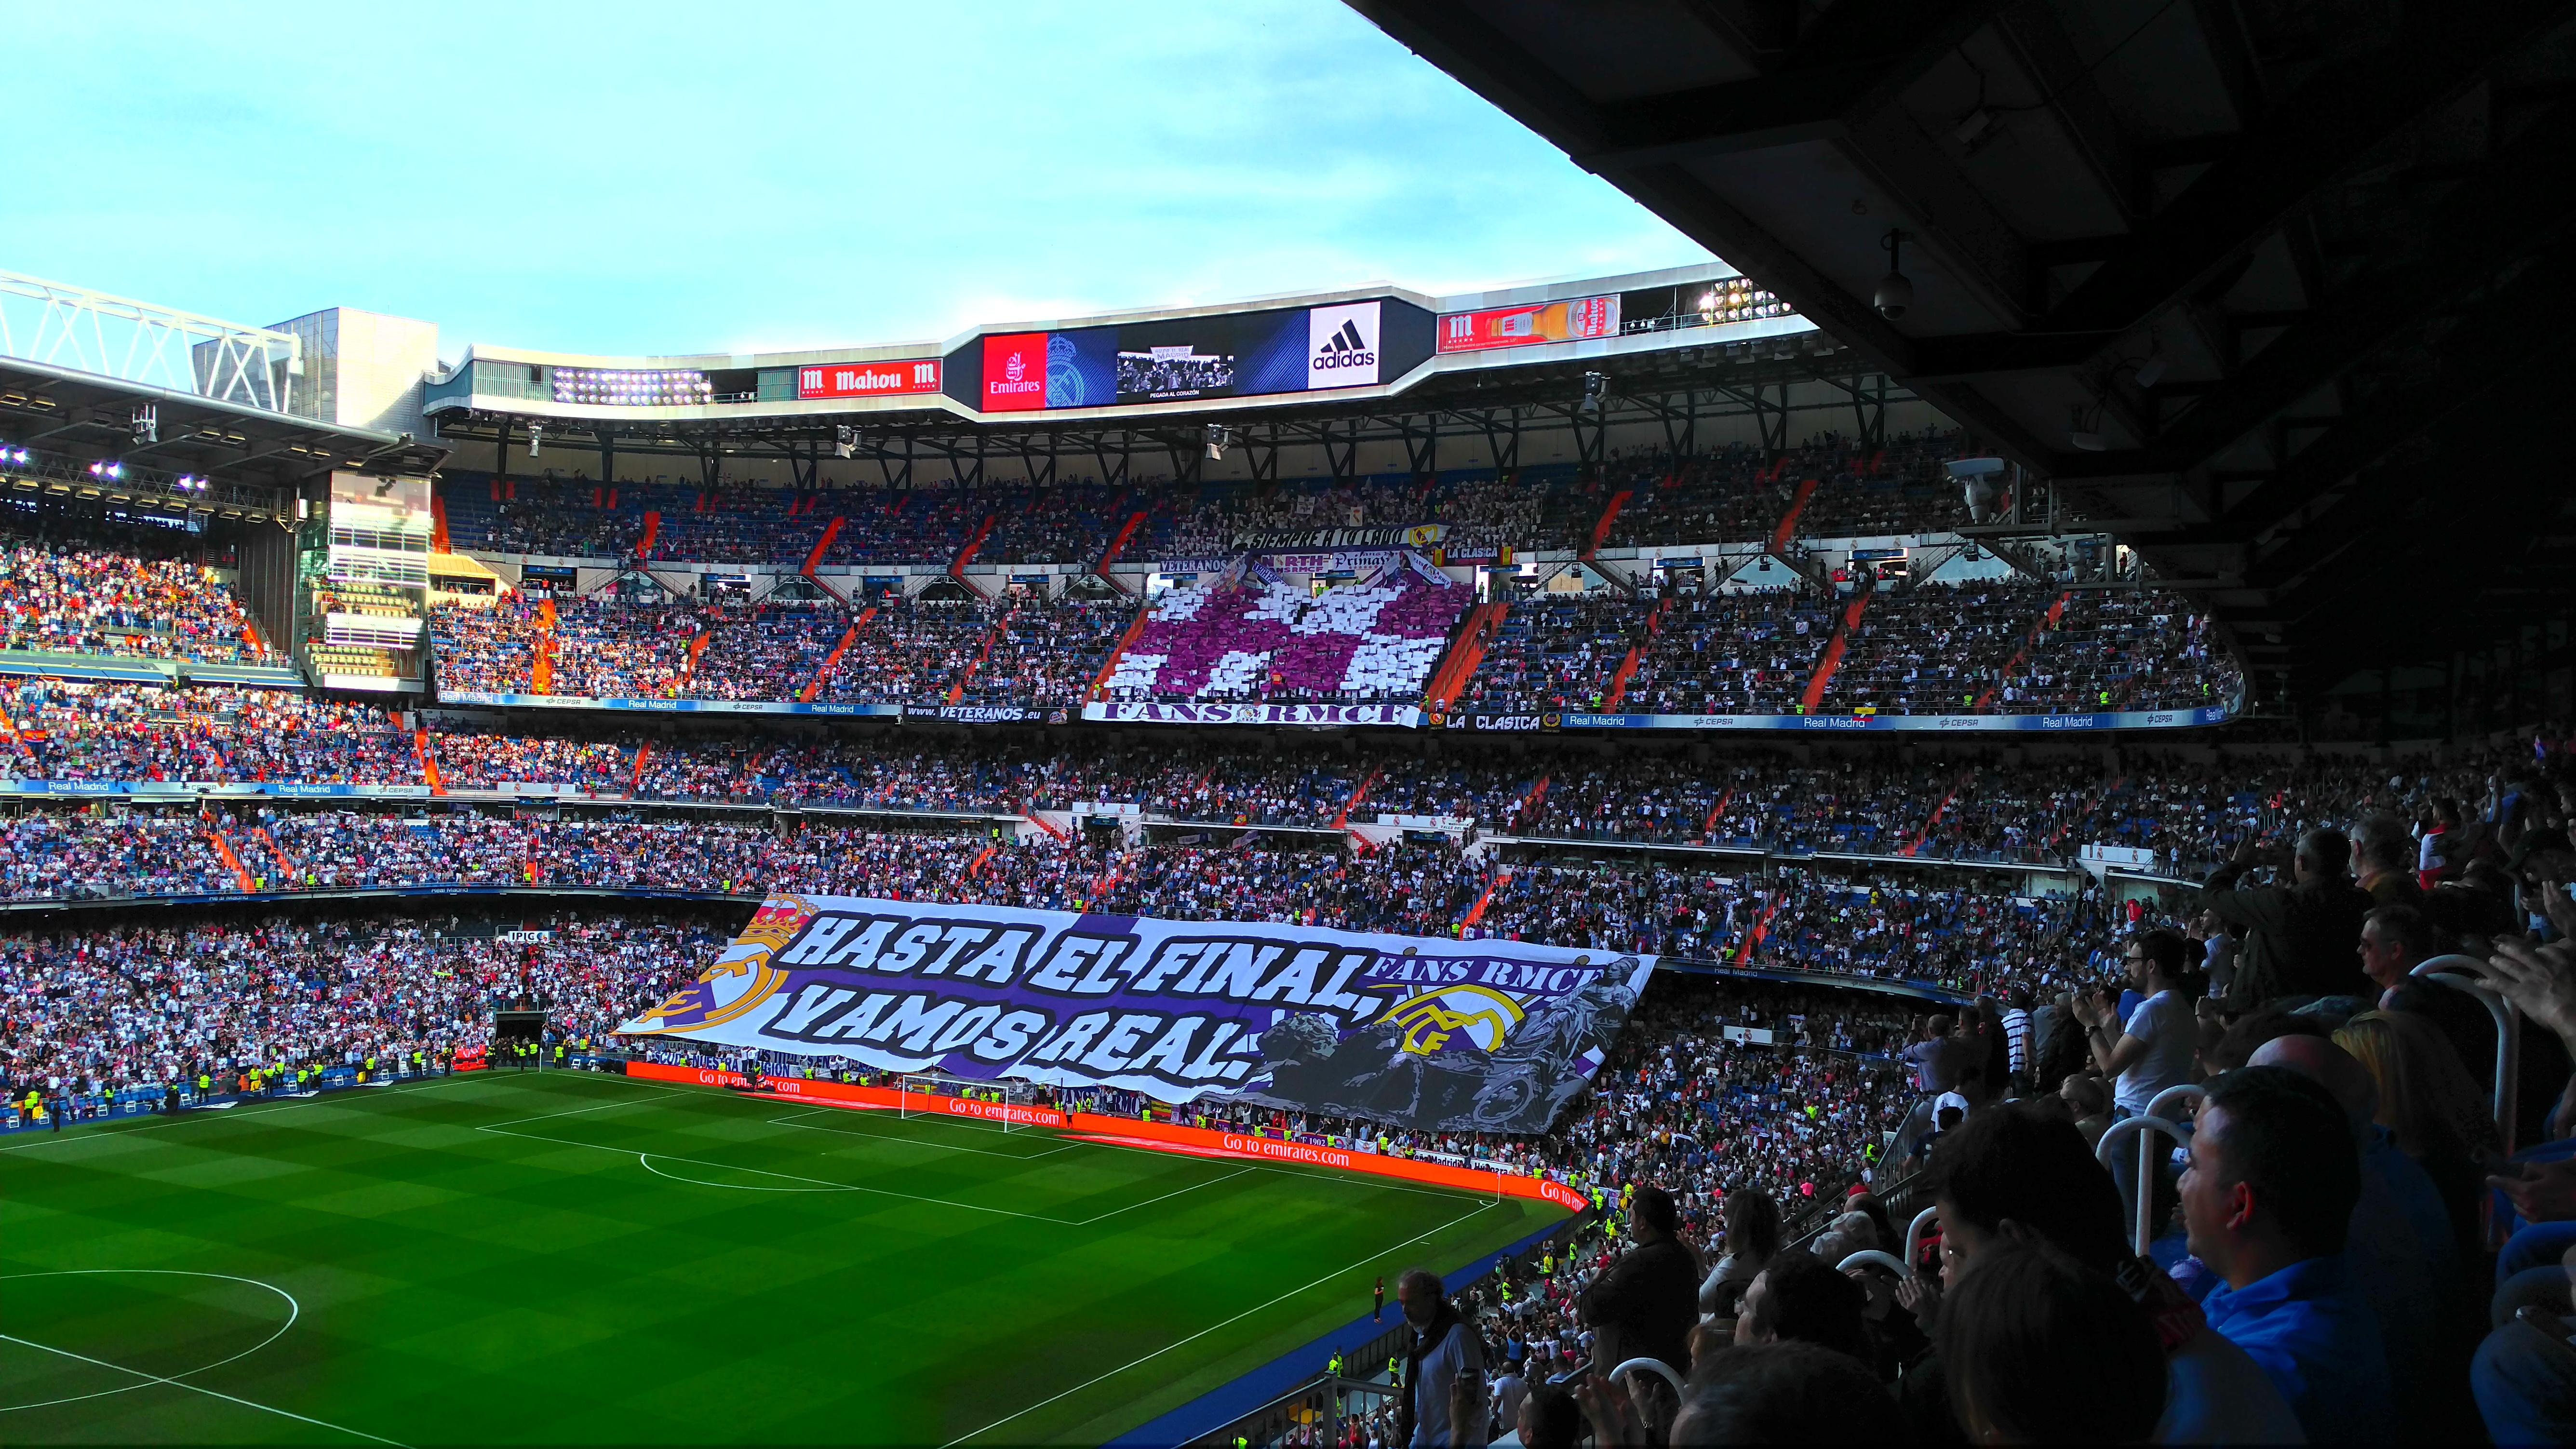 Fot. Materiały organizatorów. Polscy fani Realu Madryt na meczu z Sevillą